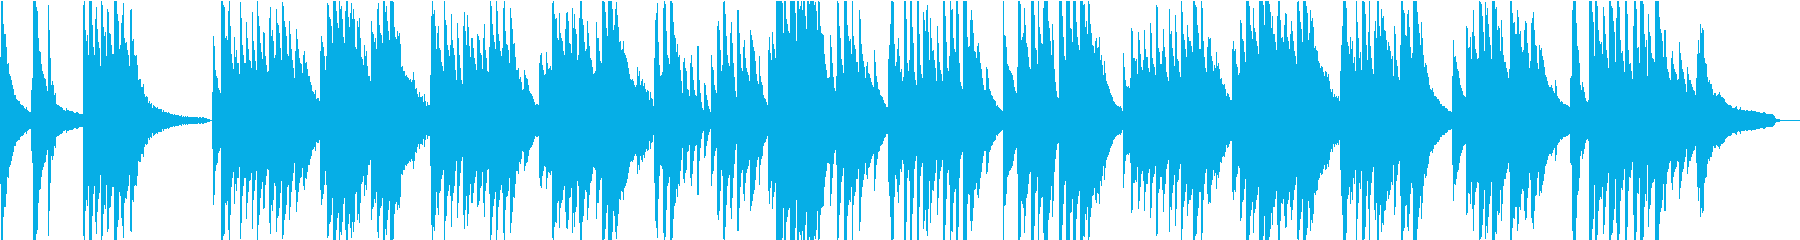 童謡「うれしいひなまつり」の哀愁ピアノの再生済みの波形